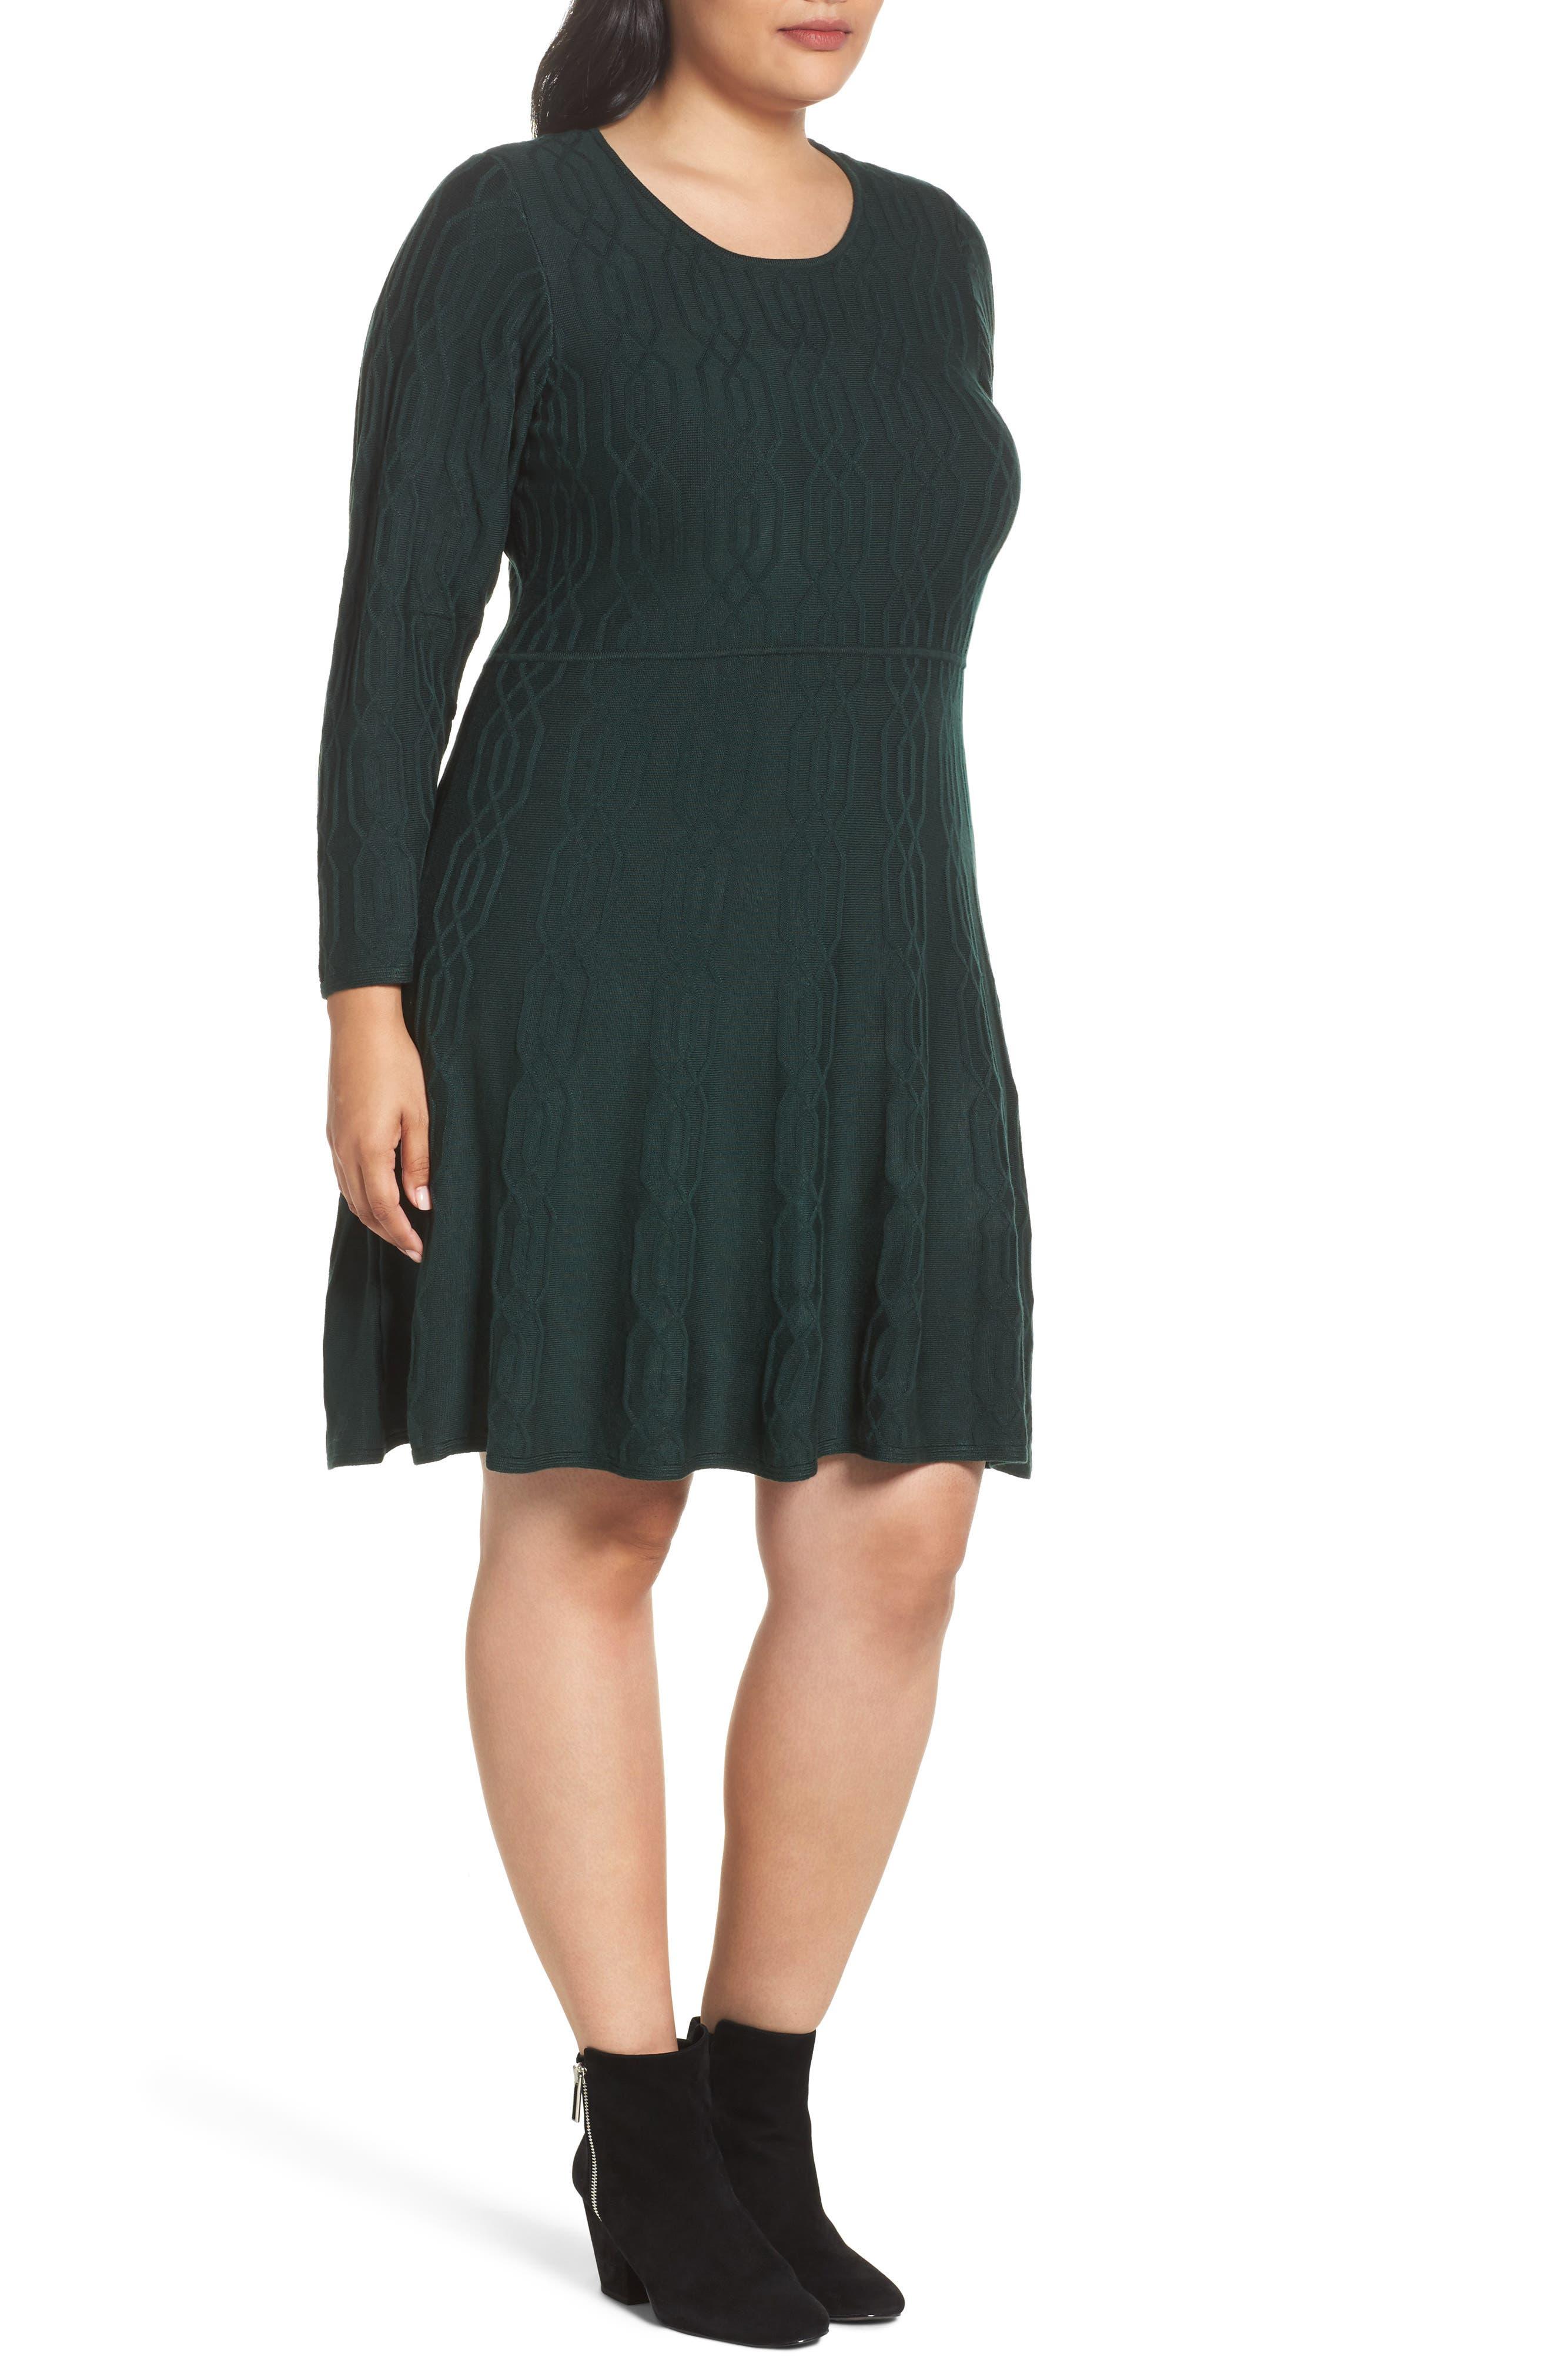 ELIZA J,                             Jacquard Knit Fit & Flare Dress,                             Alternate thumbnail 3, color,                             310